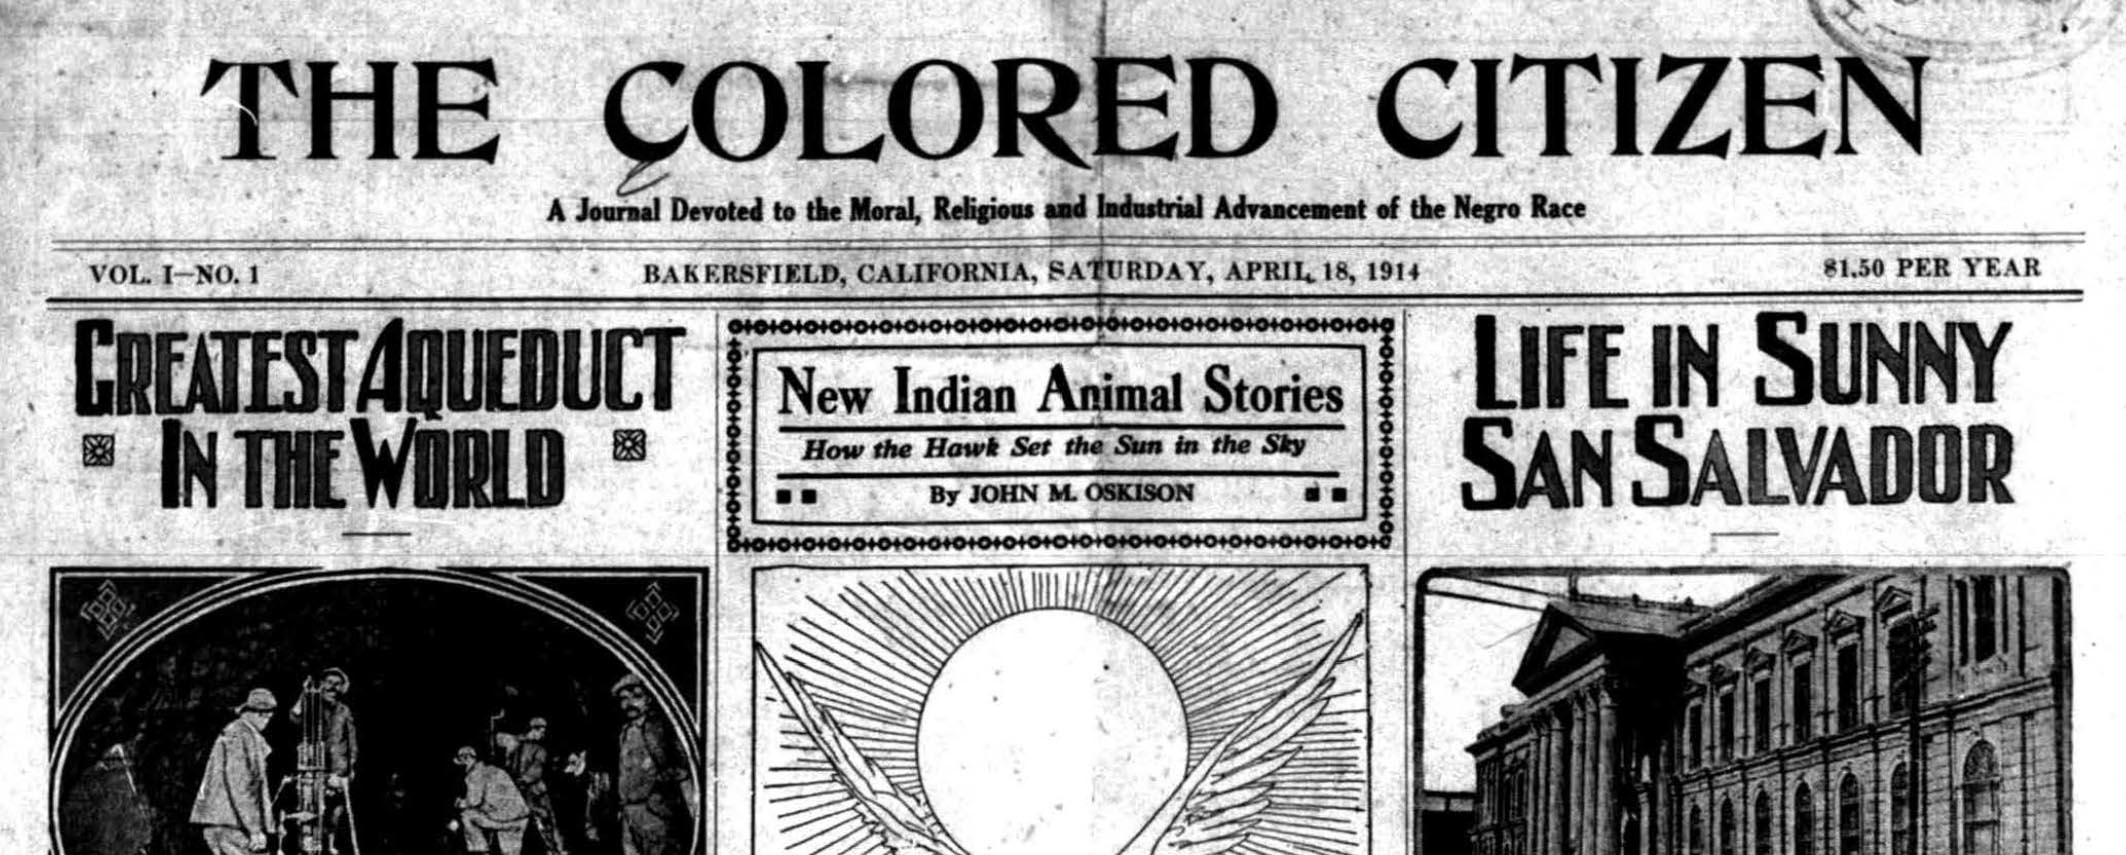 colored citizen newspaper